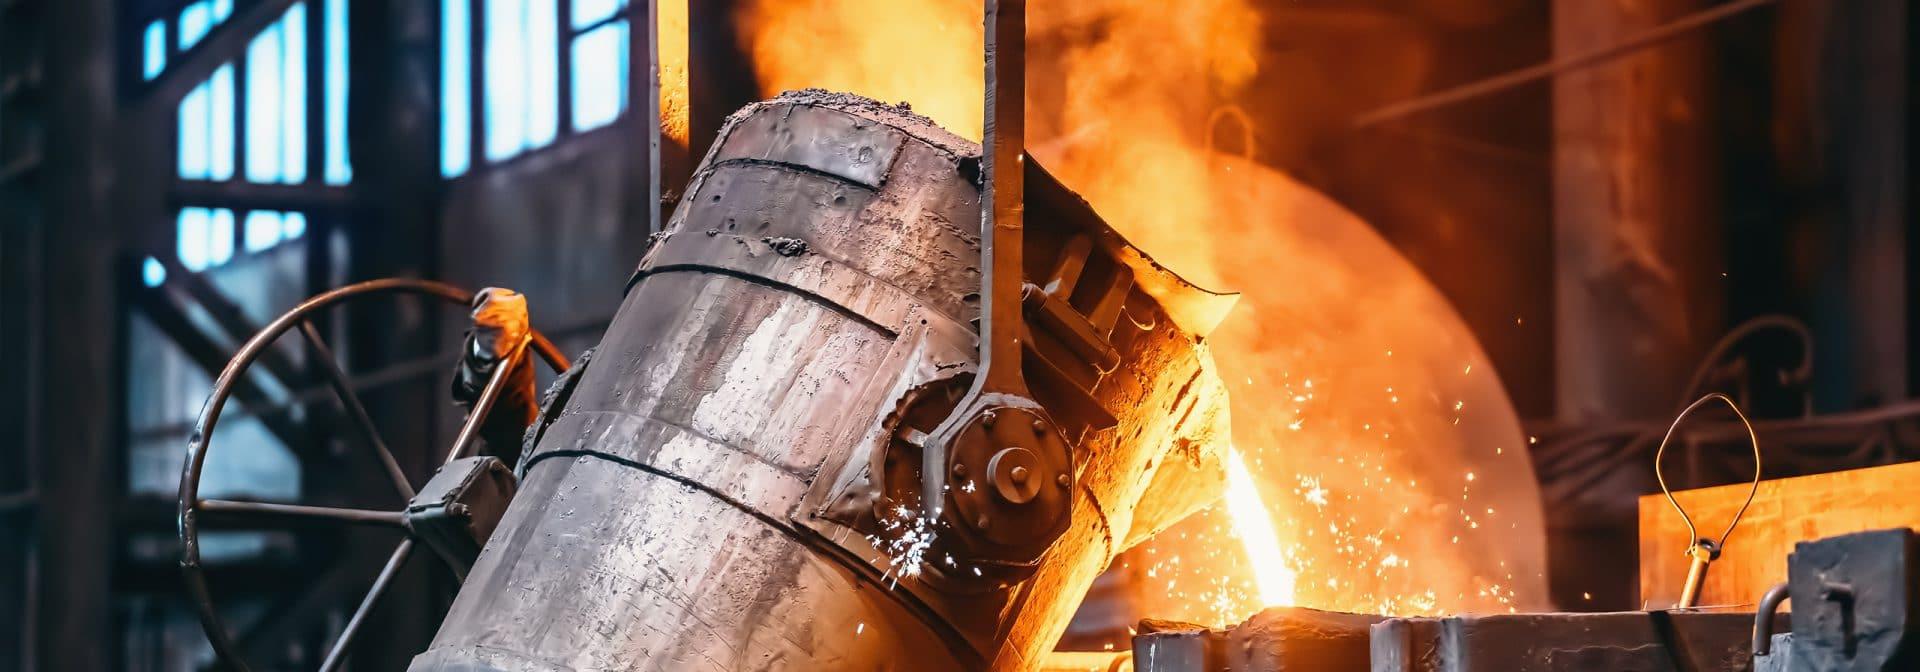 gietstukken van diverse materialen, zoals staal, roestvast staal, aluminium, ijzer, koper en kunststoffen